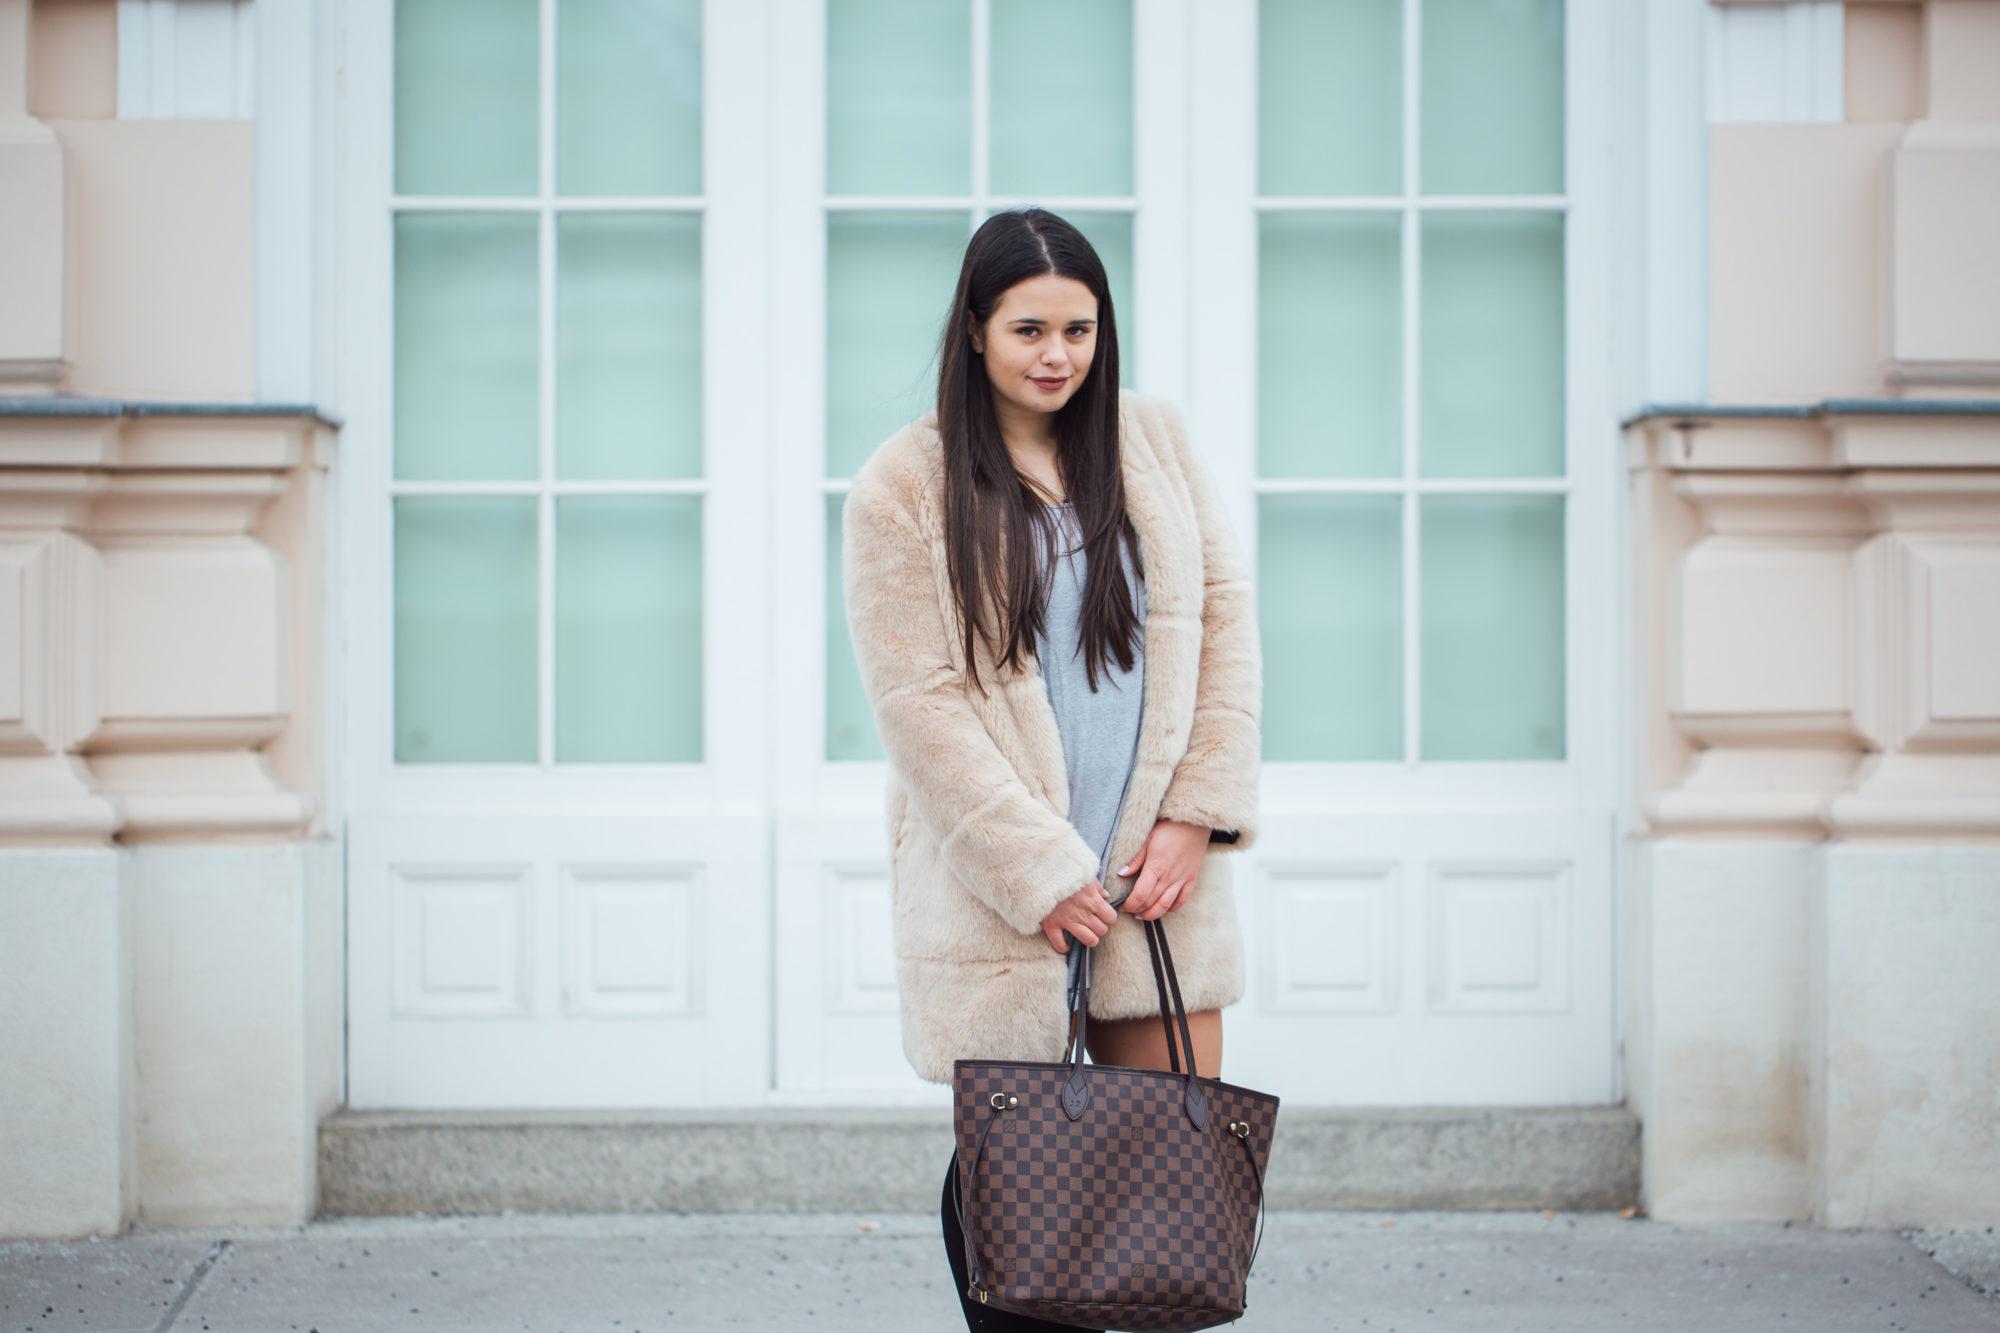 Strumpfhosen Outfit